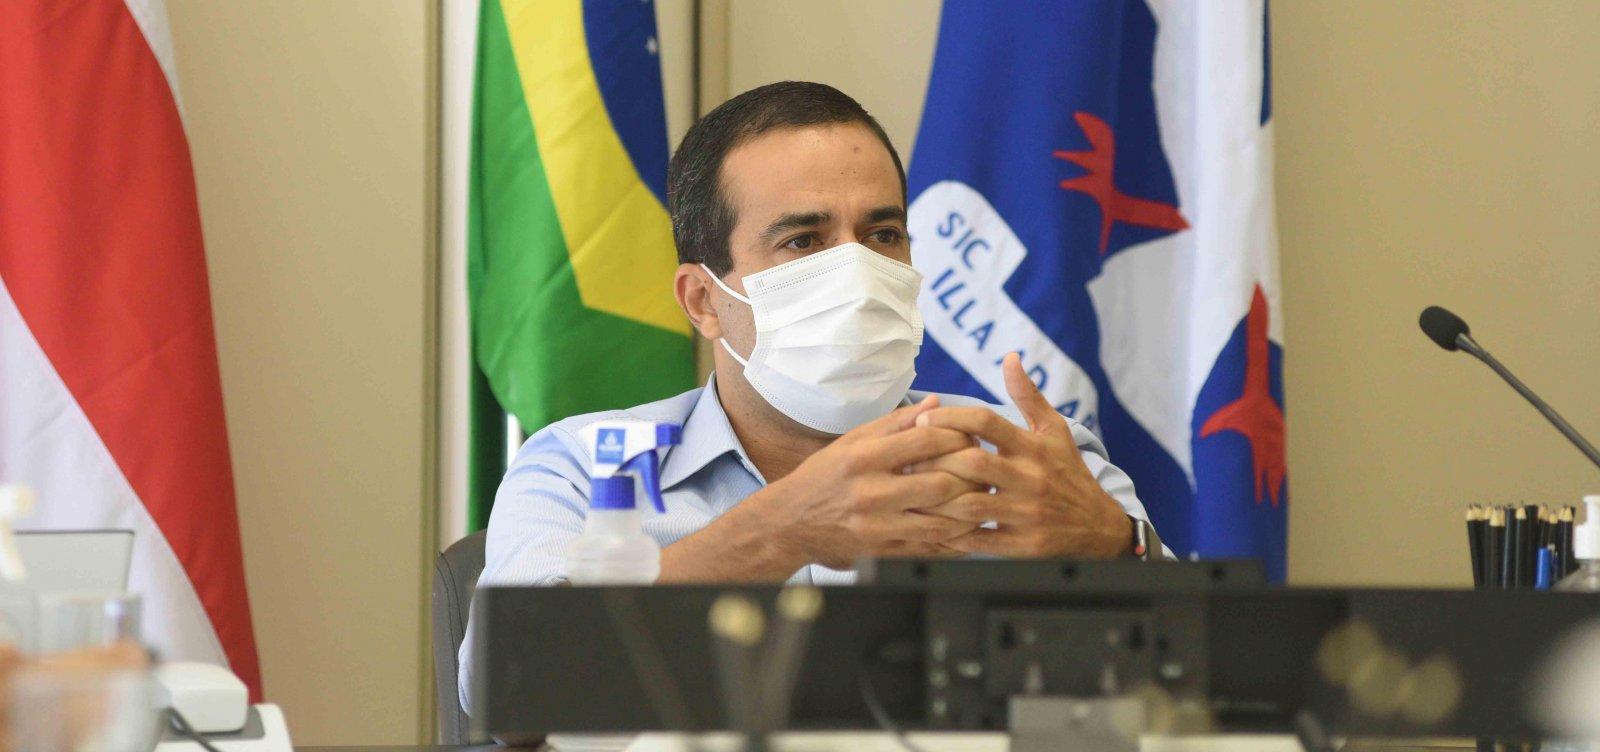 [Aumento de casos é 'sinal claro' de circulação de nova cepa do coronavírus, diz Bruno Reis]